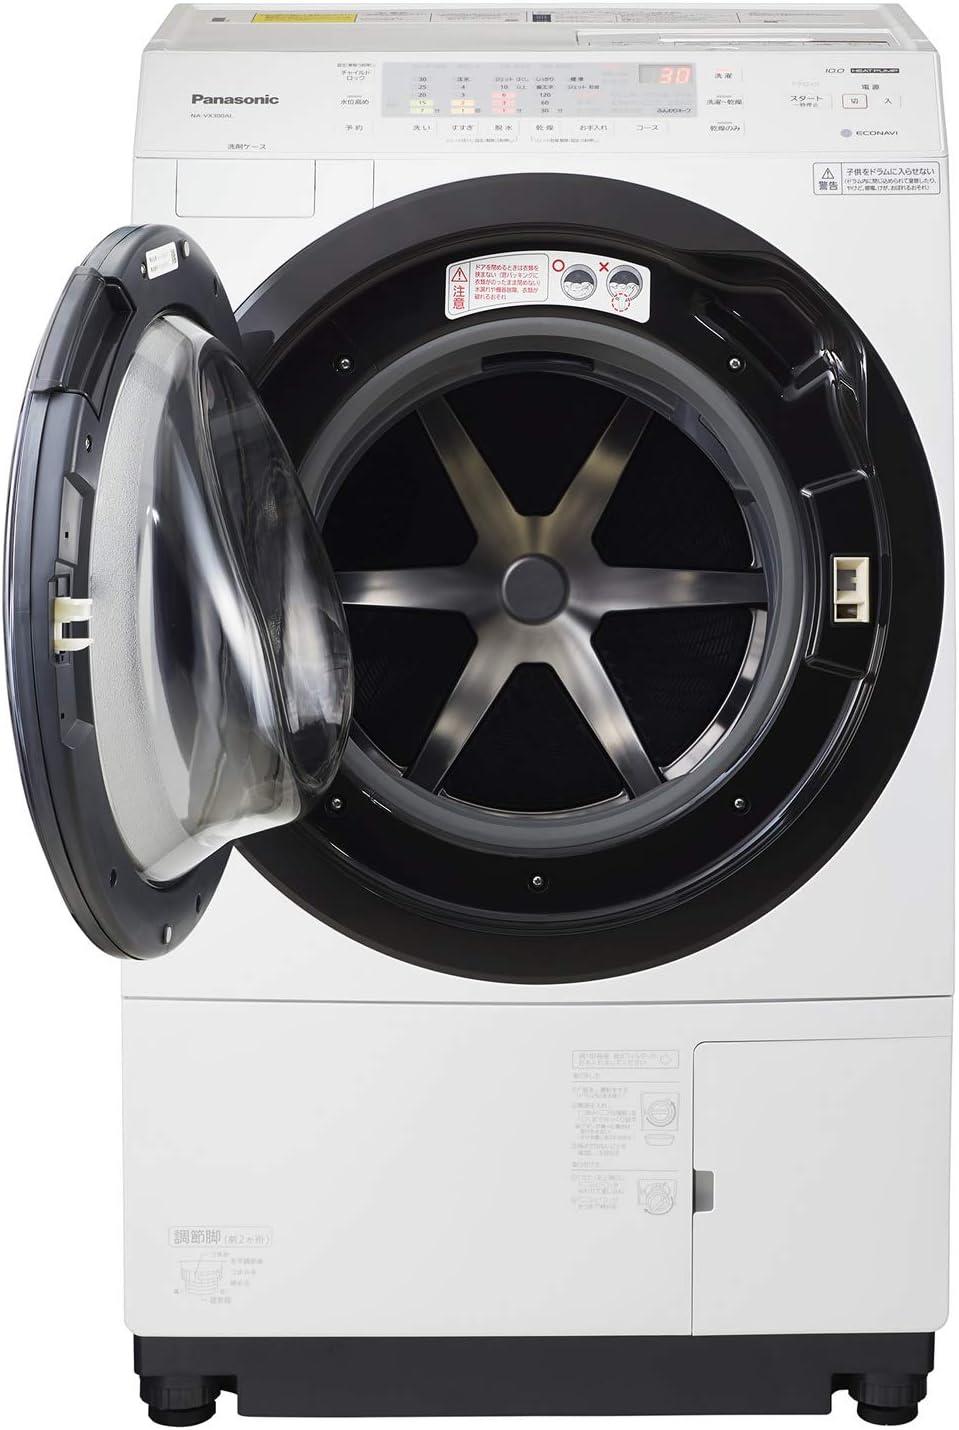 パナソニック ななめドラム洗濯乾燥機 10kg 左開き クリスタルホワイト ドラム式洗濯機 NA-VX300AL-W